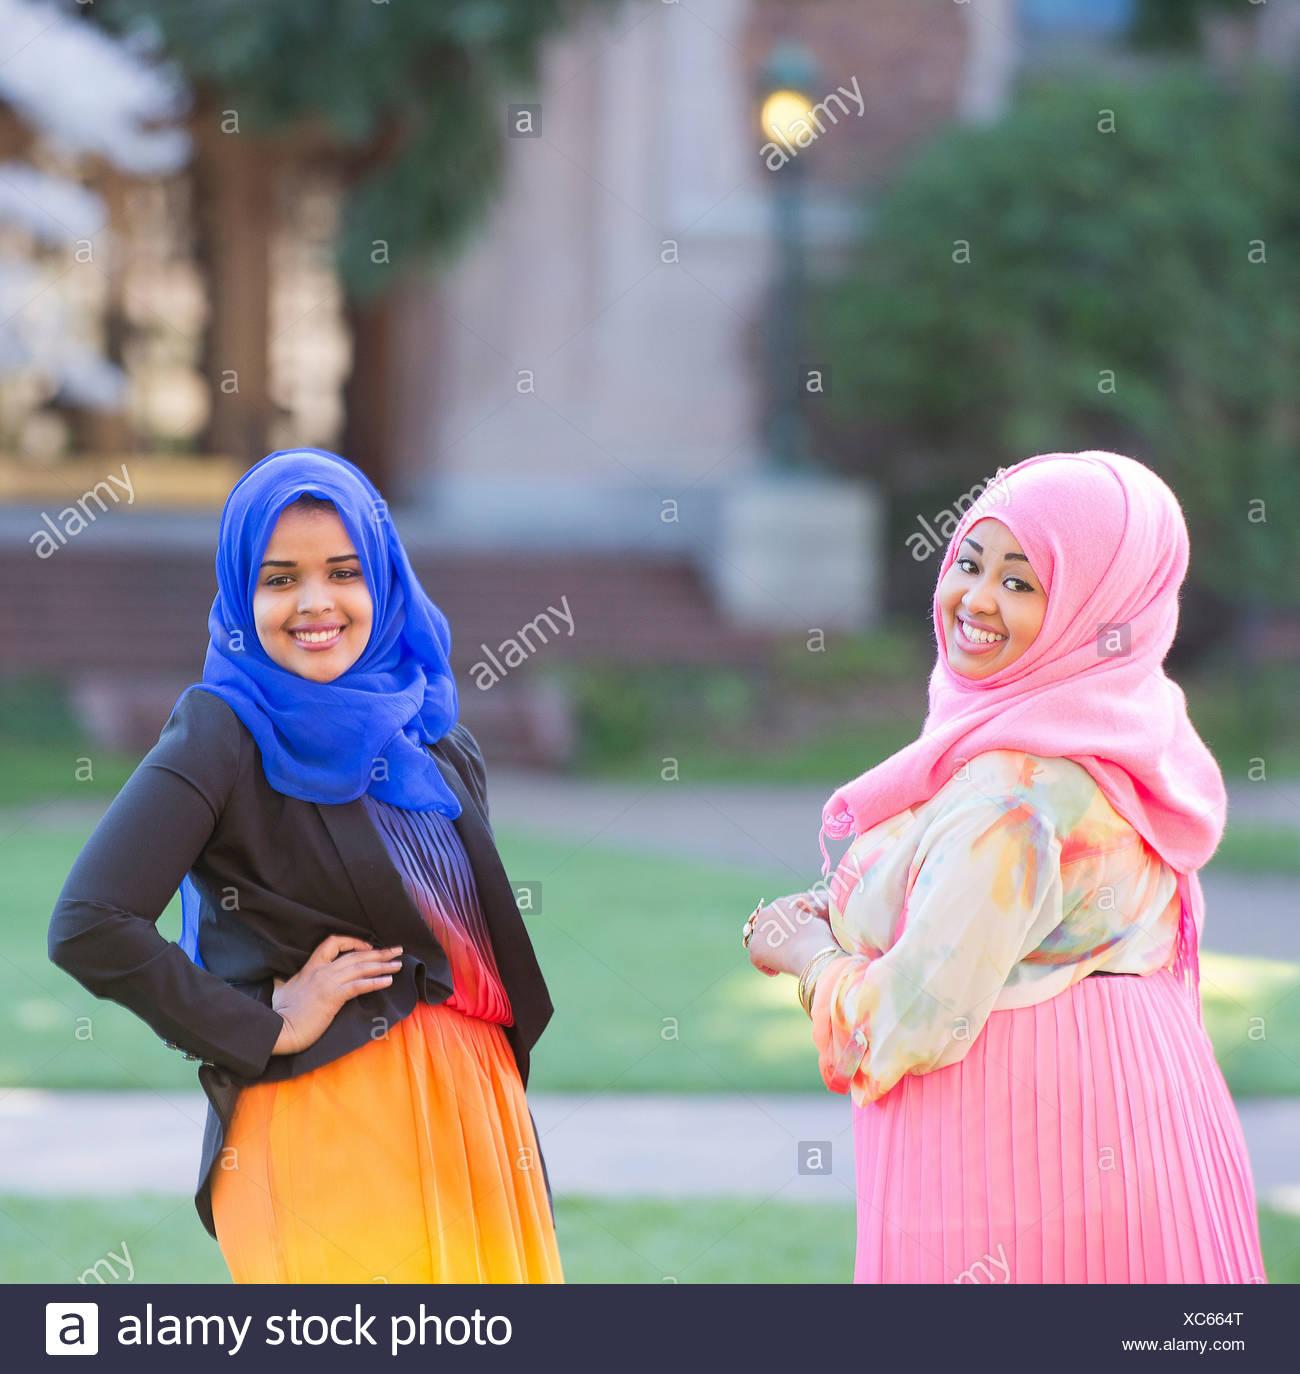 Retrato de dos amigas en el parque vistiendo coloridos pañuelos Imagen De Stock